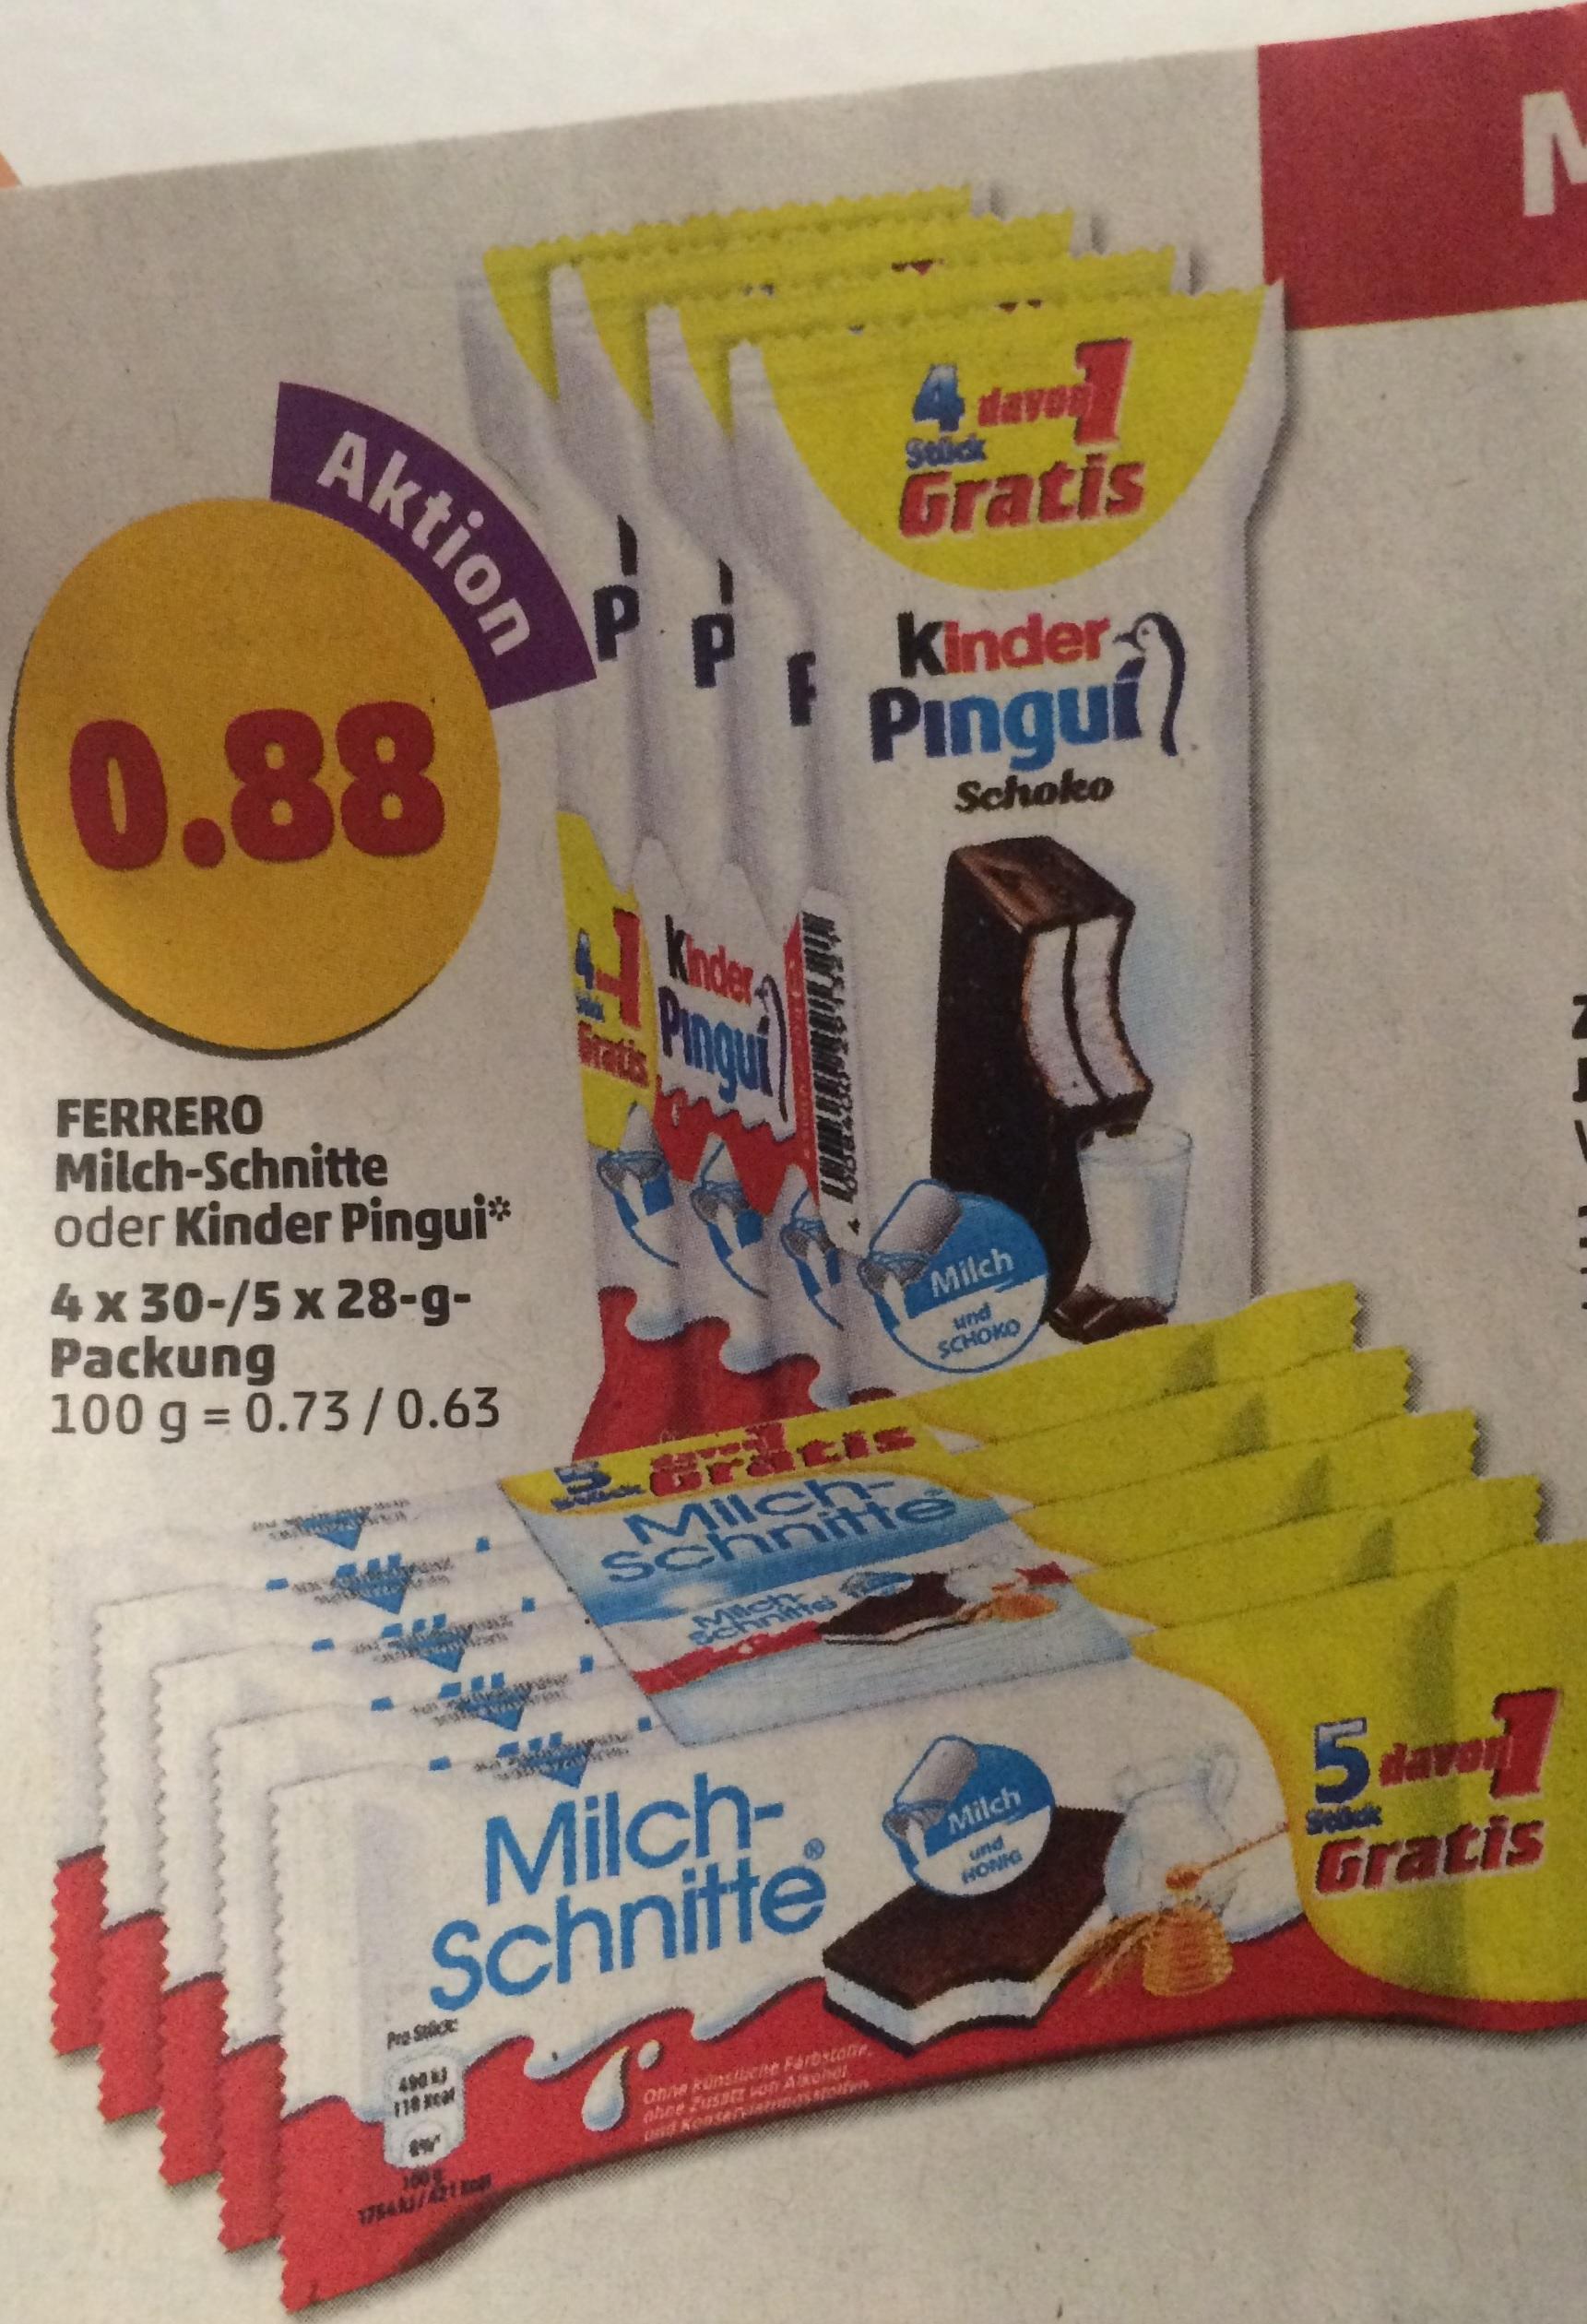 [Penny] 4x Kinder Pingui oder 5x Milchschnitte für 0.88€